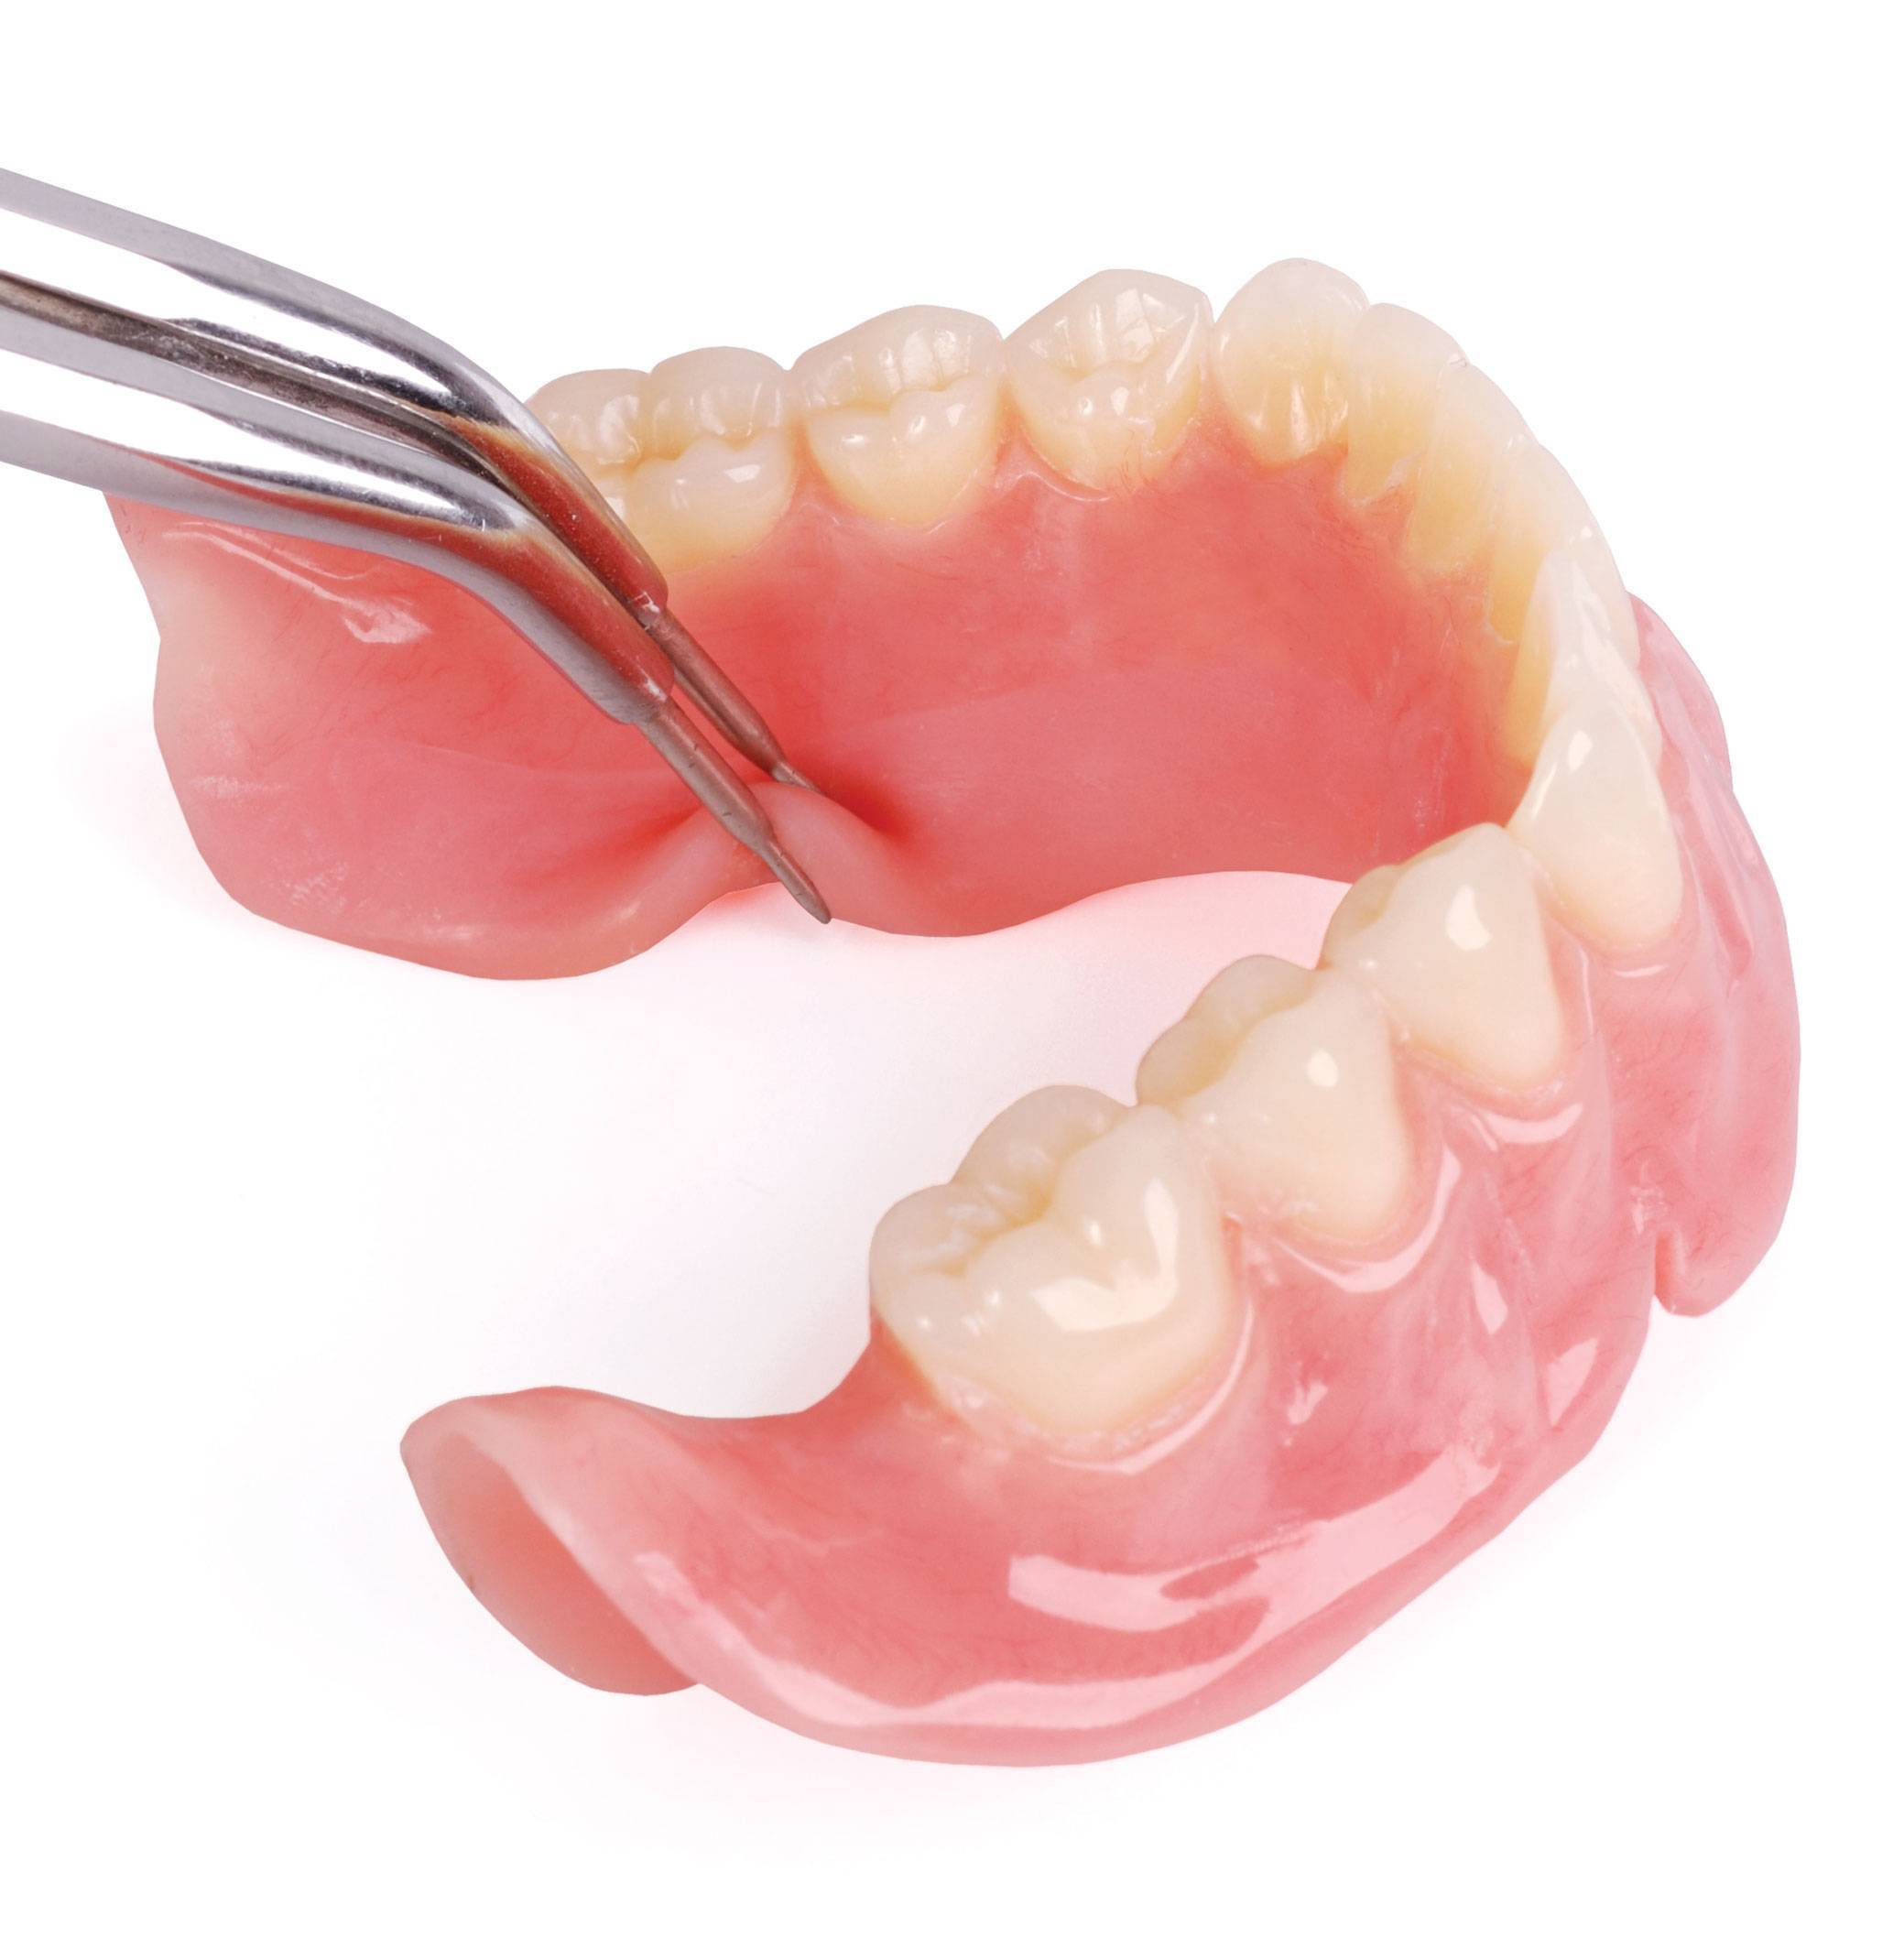 Протезирование зубов при полном их отсутствии